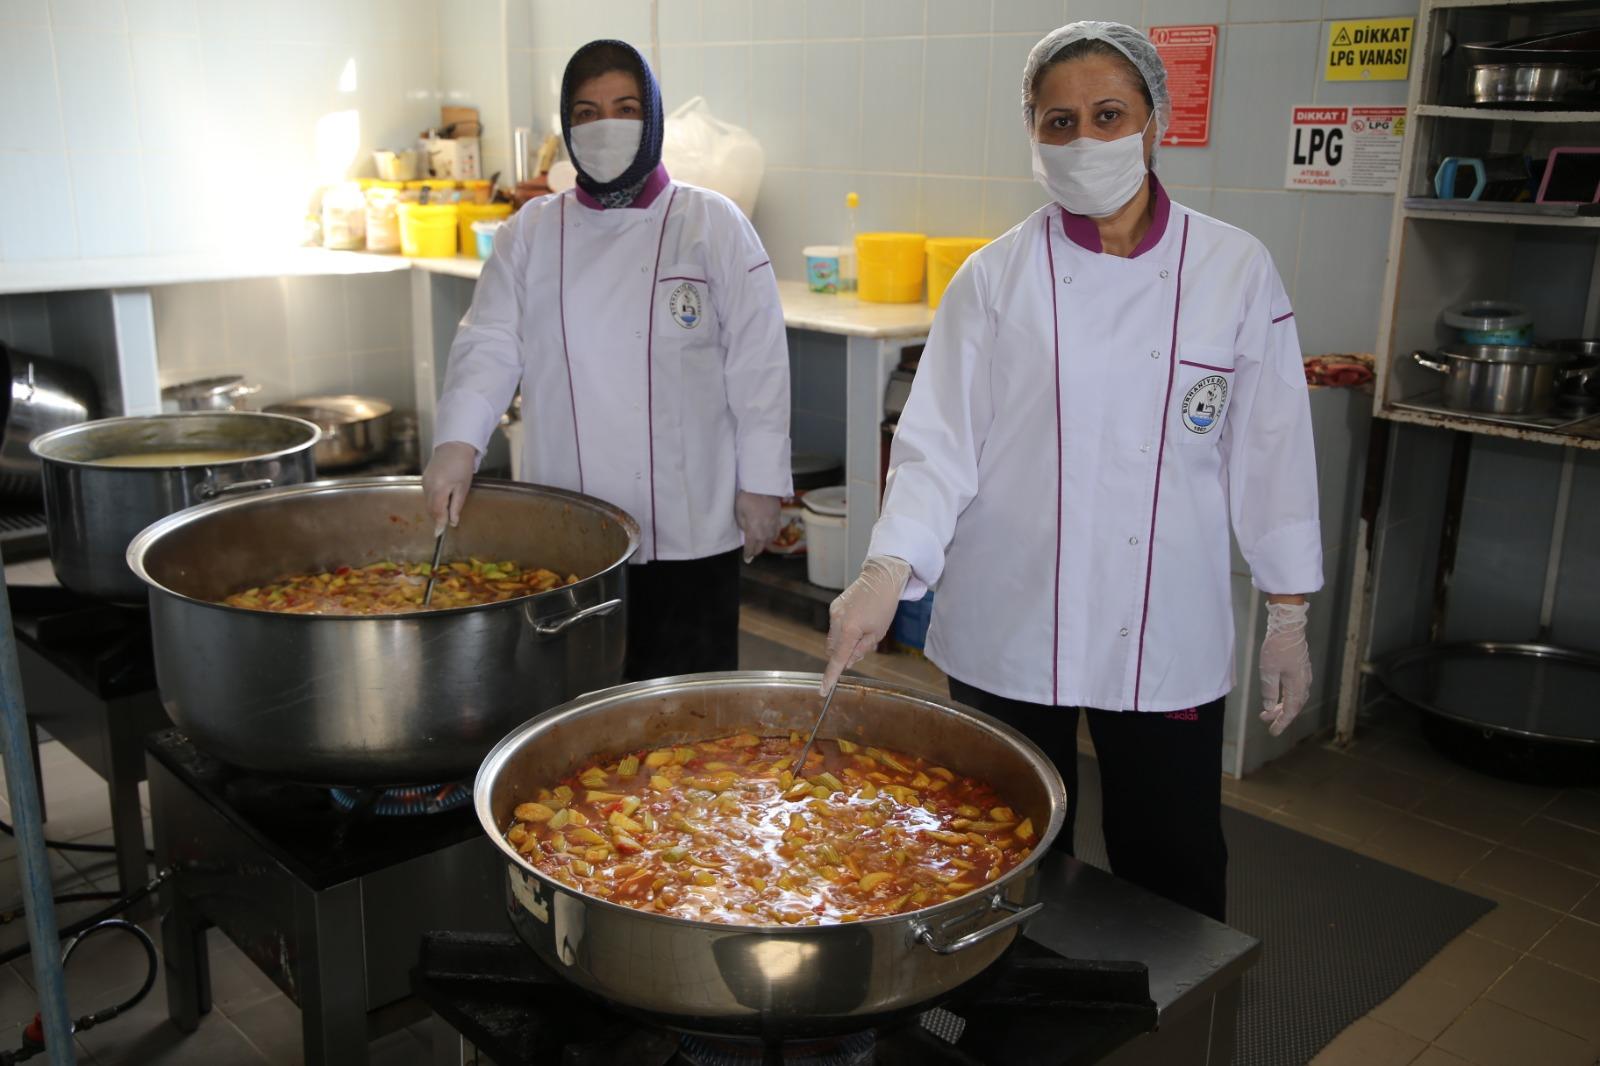 Burhaniye Belediyesinden Karantinada Olanlara Sıcak Yemek